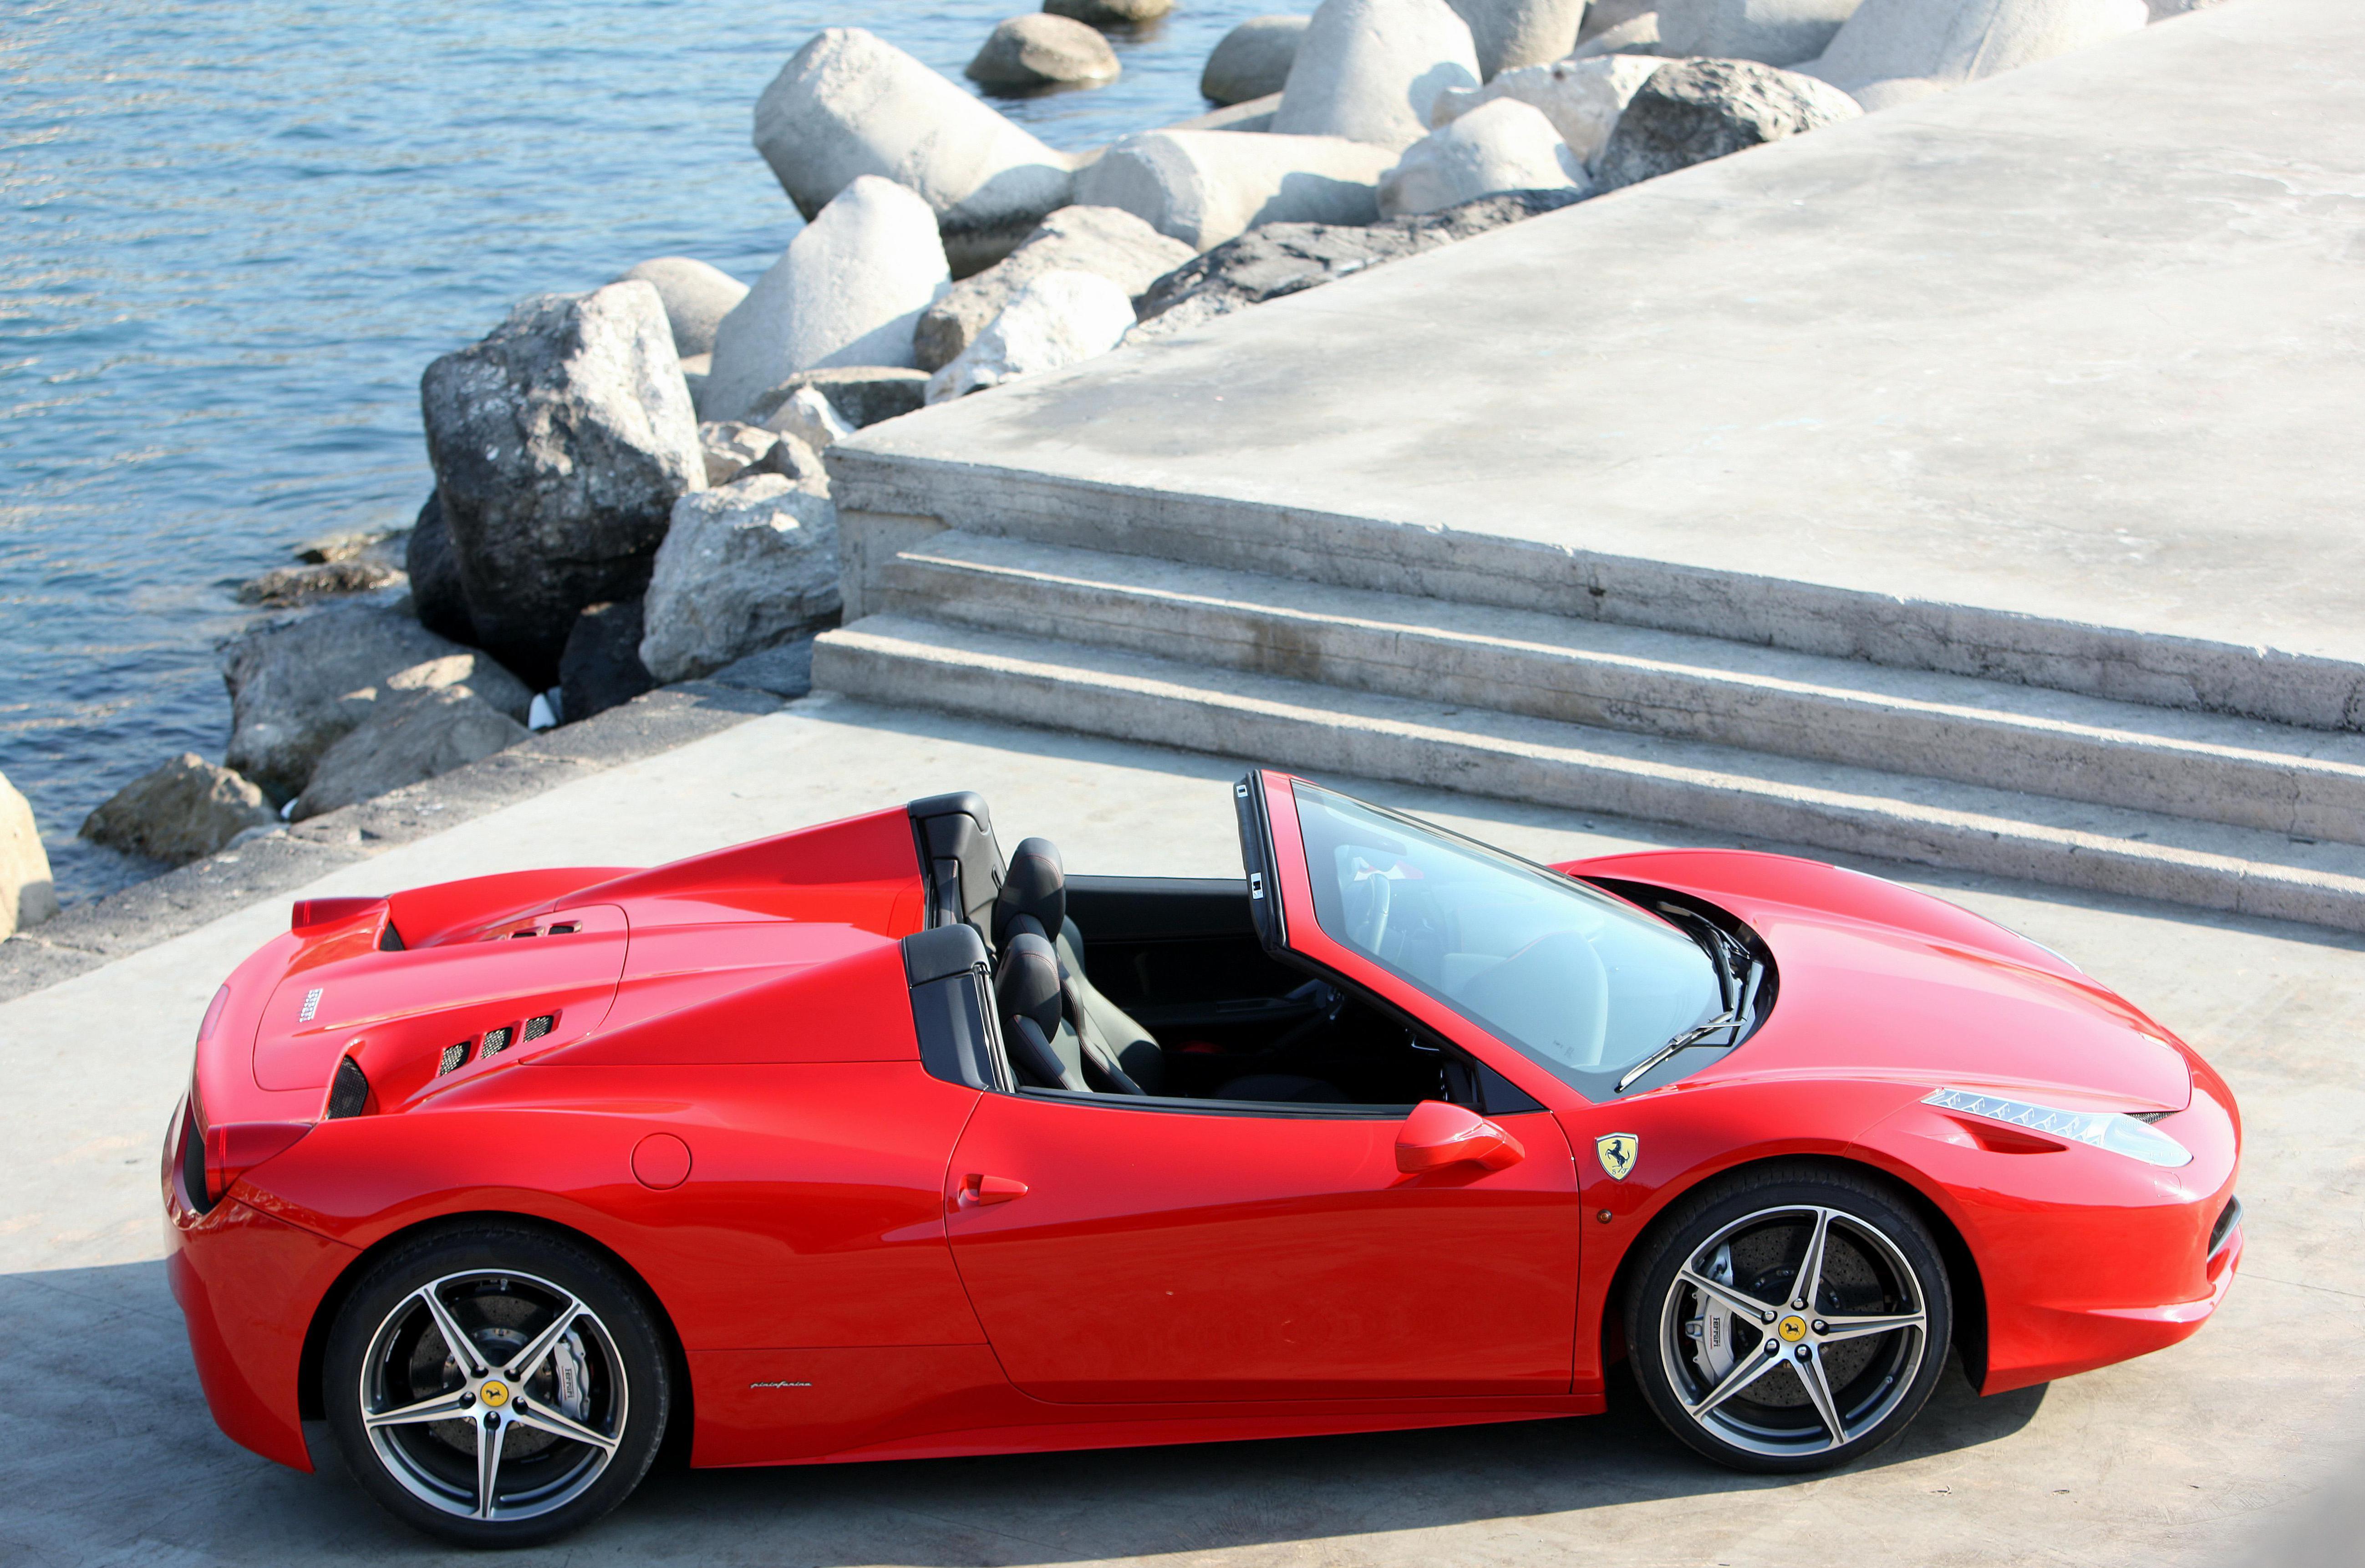 Ferrari 458 Spyder Photos And Specs Photo 458 Spyder Ferrari Cost And 26 Perfect Photos Of Ferrari 458 Spyder